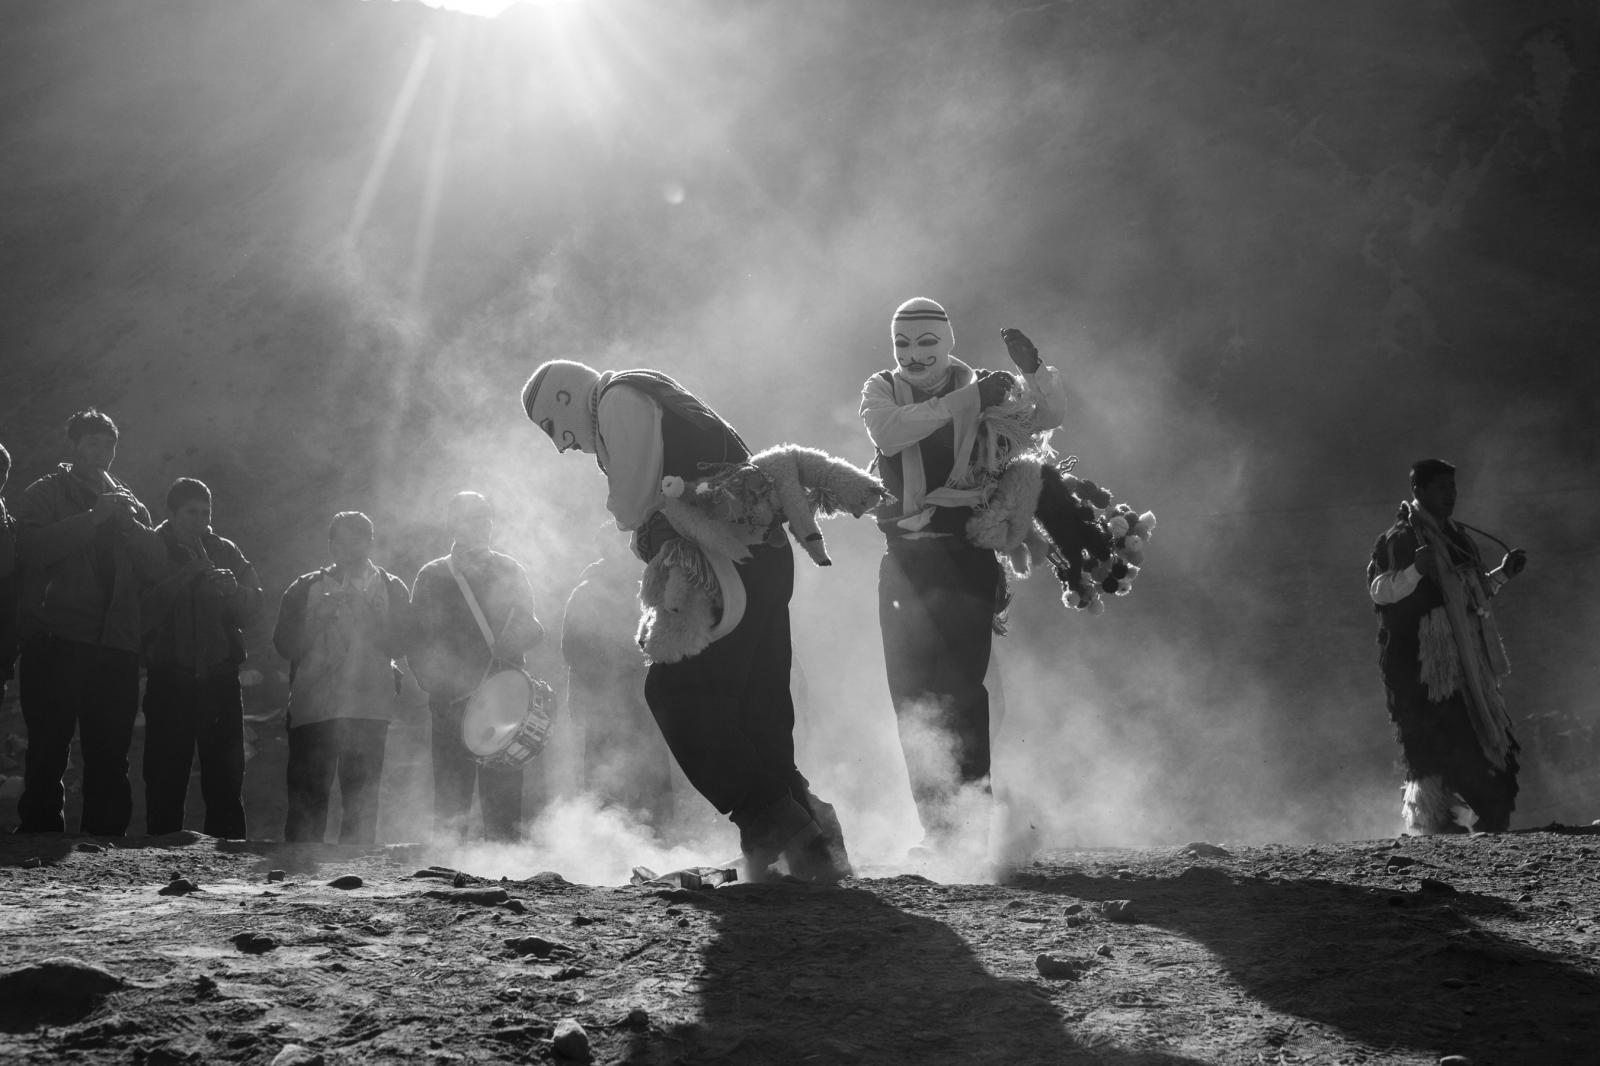 Los Qhapqq Collas llevan cabeza y rostro cubiertos por un waqollo o máscara tejida de color blanco con bigotes dibujados. llevan una honda de lana o huaraca de varios metros de extensión, la cual es empleada a modo de látigo durante las danzas y al propinar azotes rituales.